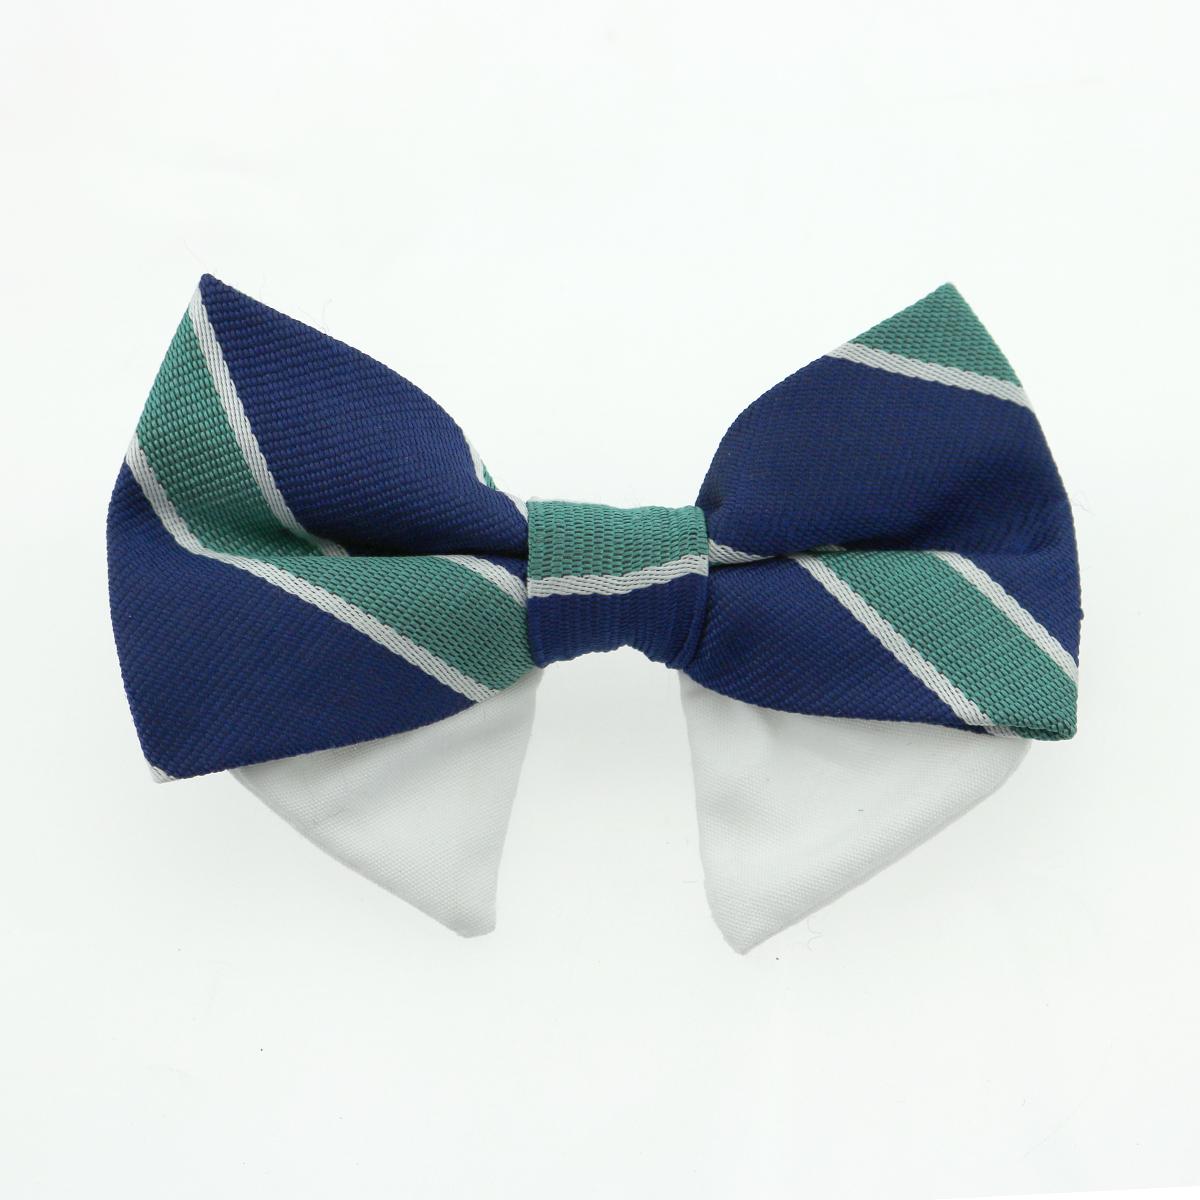 Doggie Design Universal Dog Bow Tie, Navy Blue & Green Stripe, Type 1